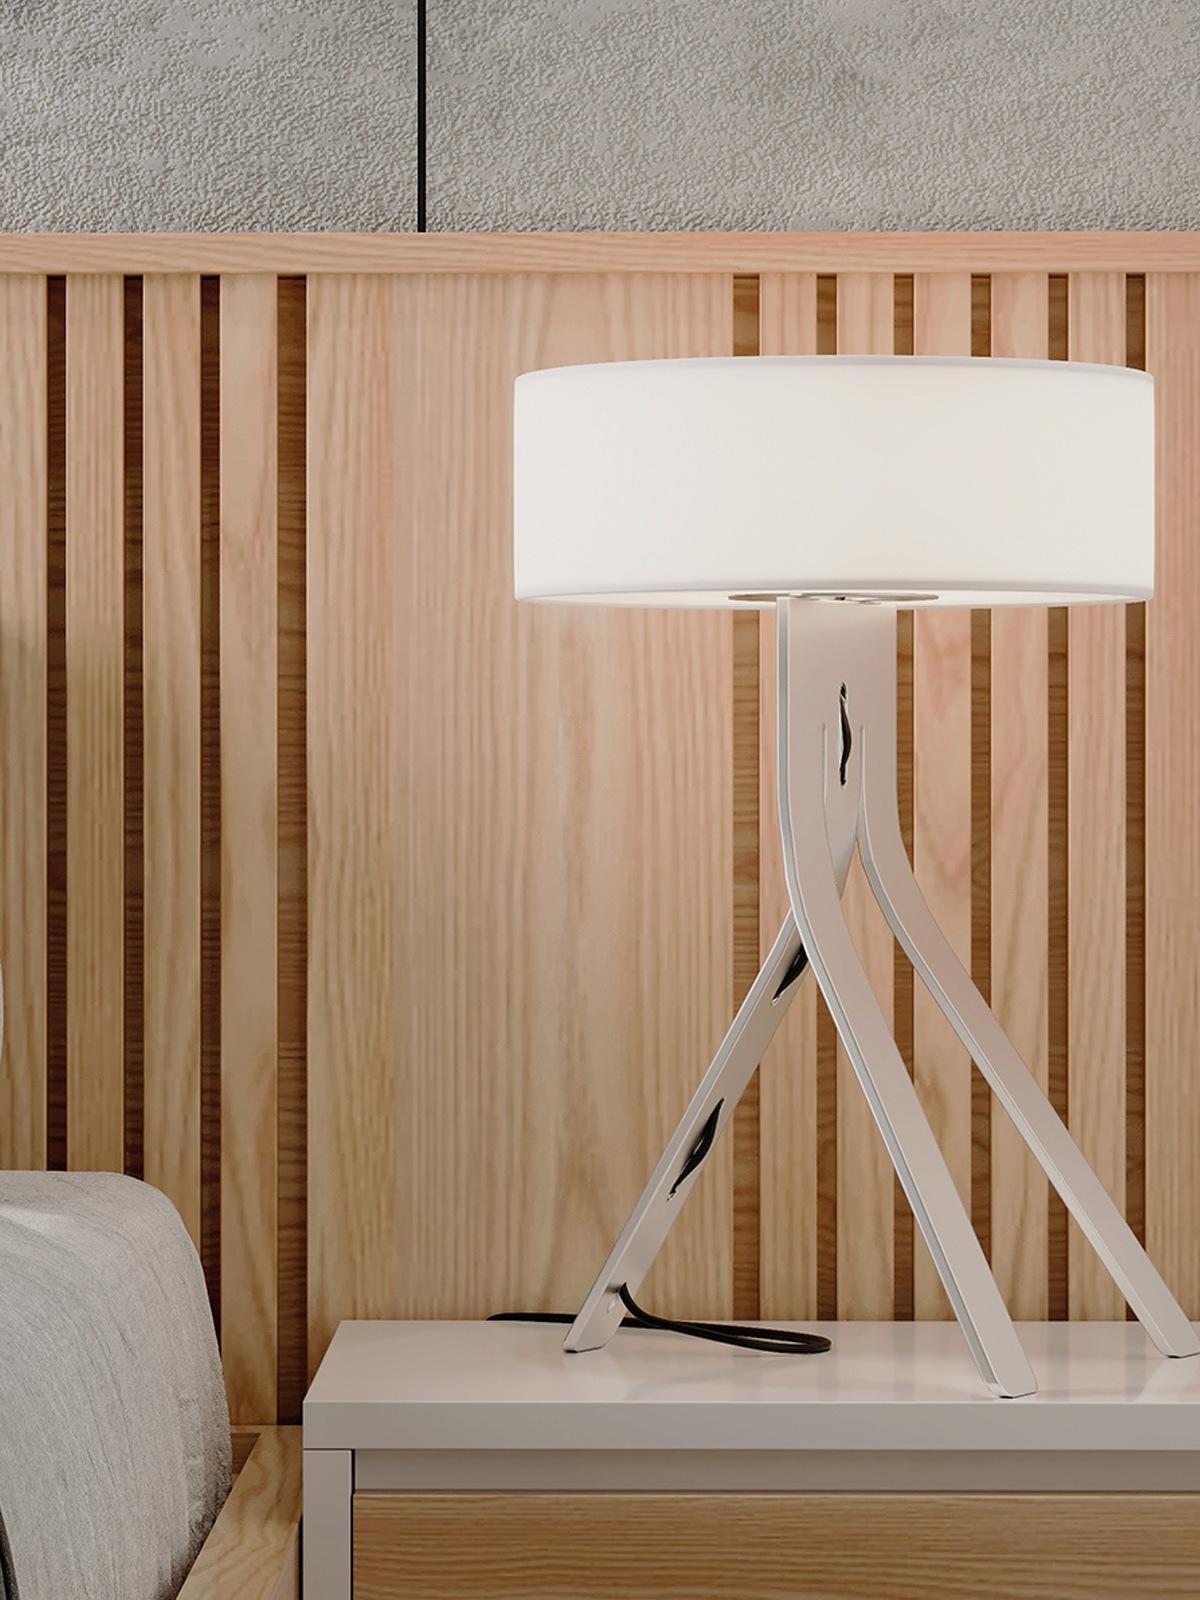 BYOK Fino Tischleuchte DesignOrt Onlineshop Leuchten Berlin